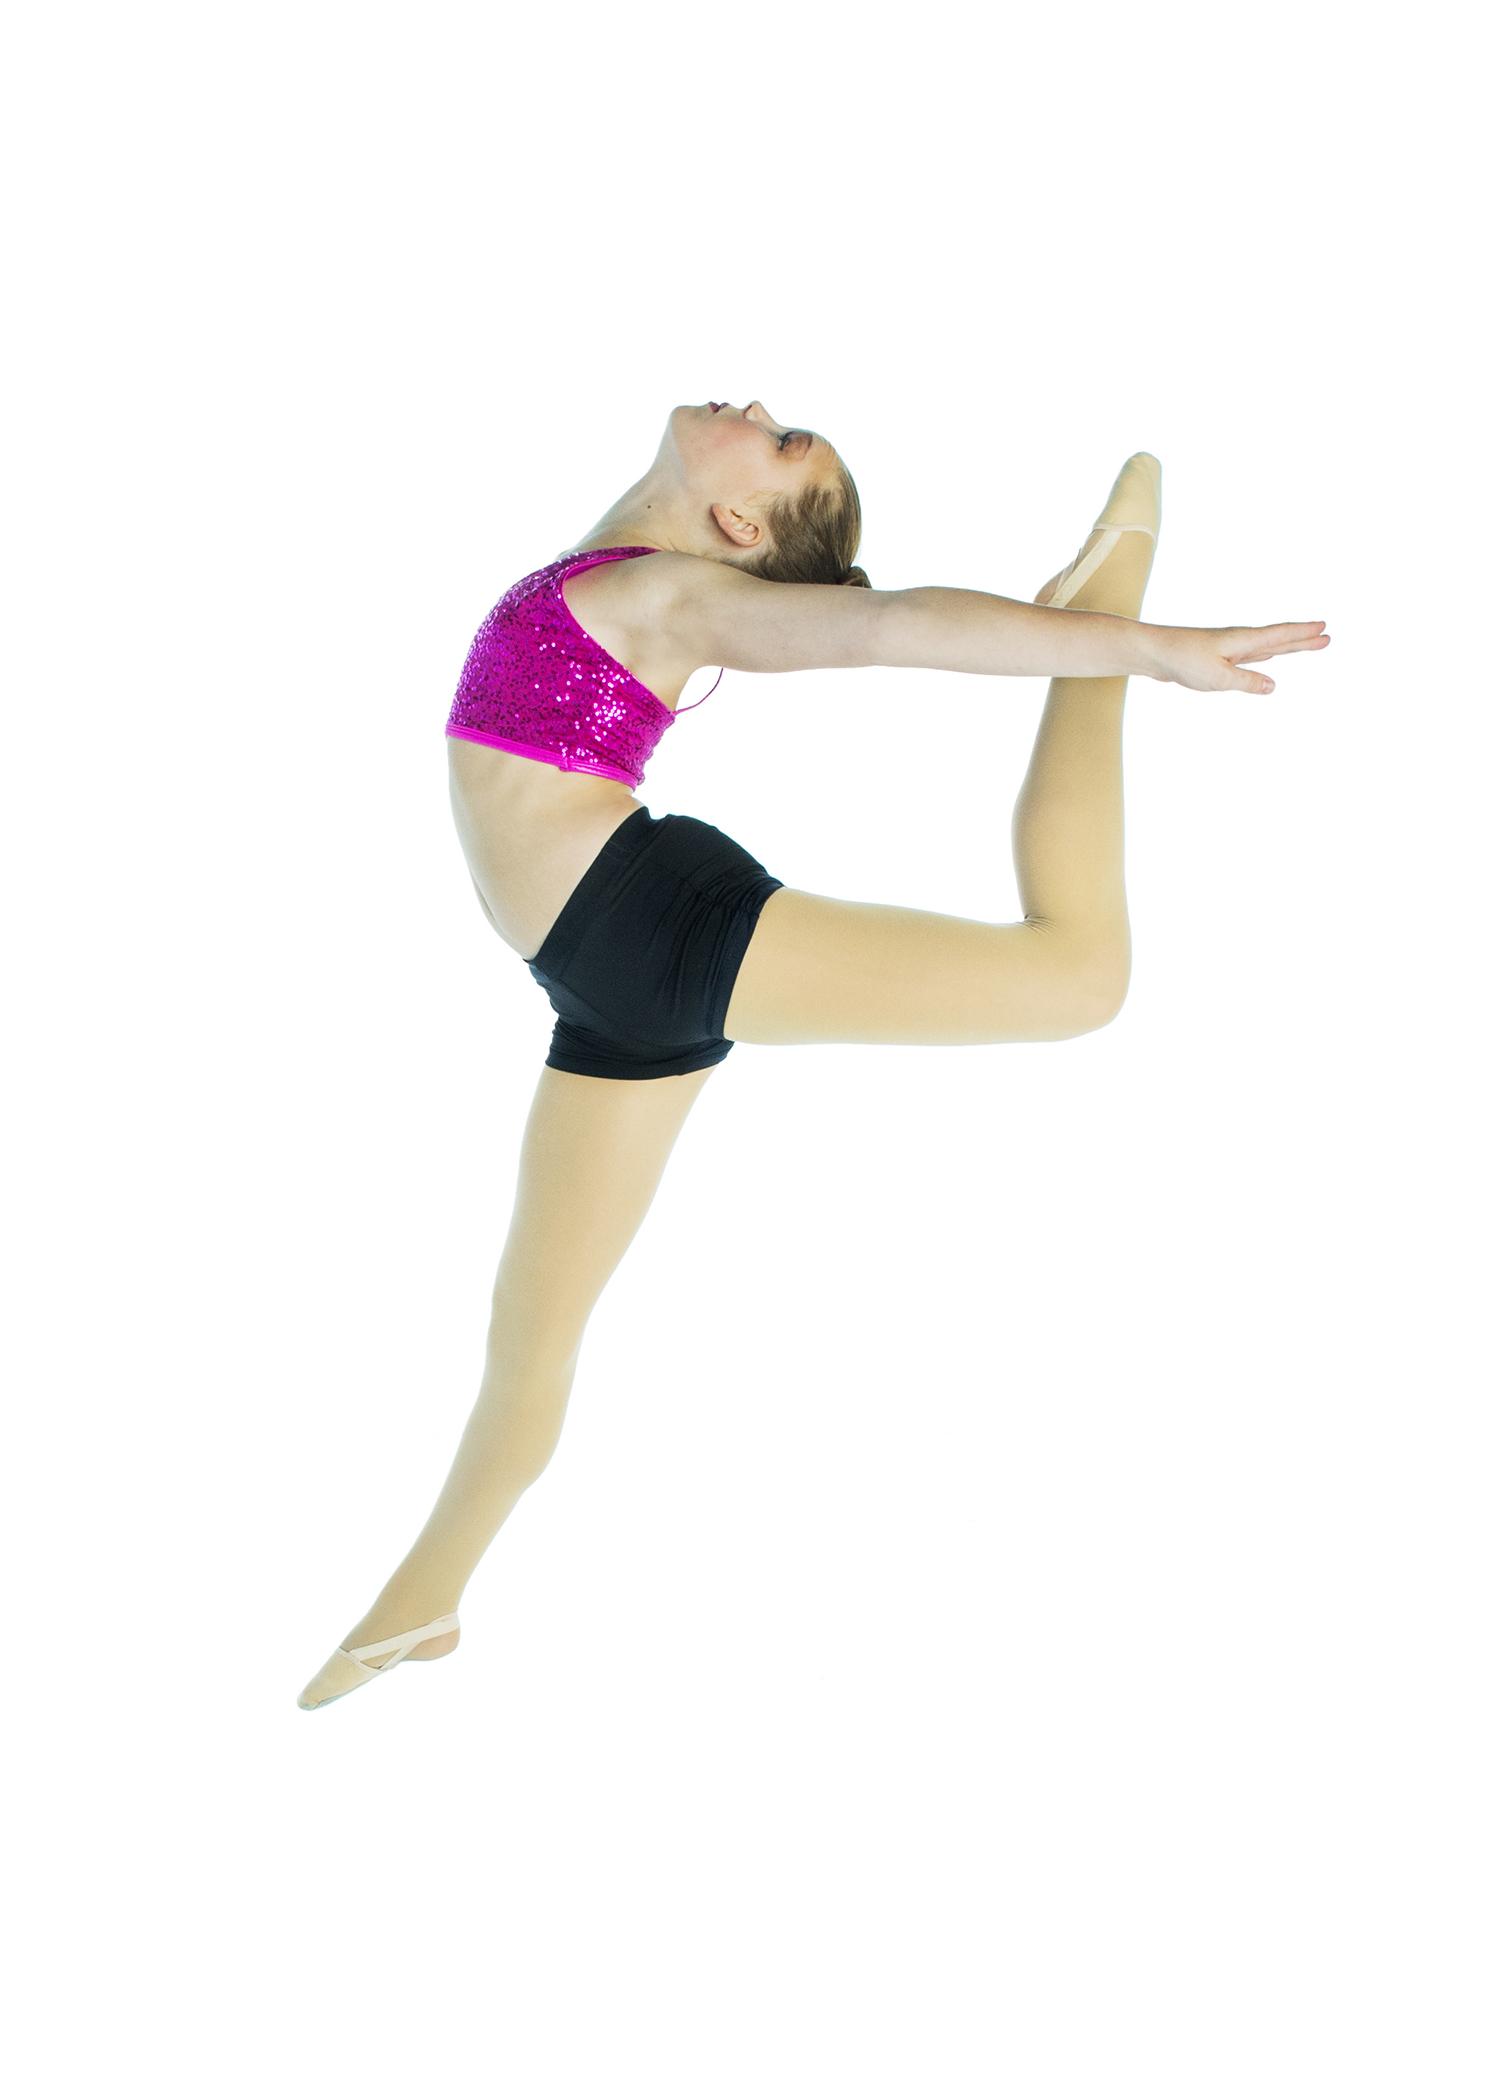 Driven 2 Dance, D2D, Nicole Thomas Photography, Dance Portrait, Dance Studio, Glenview, Photographs, Photographer, Kids, Dancers